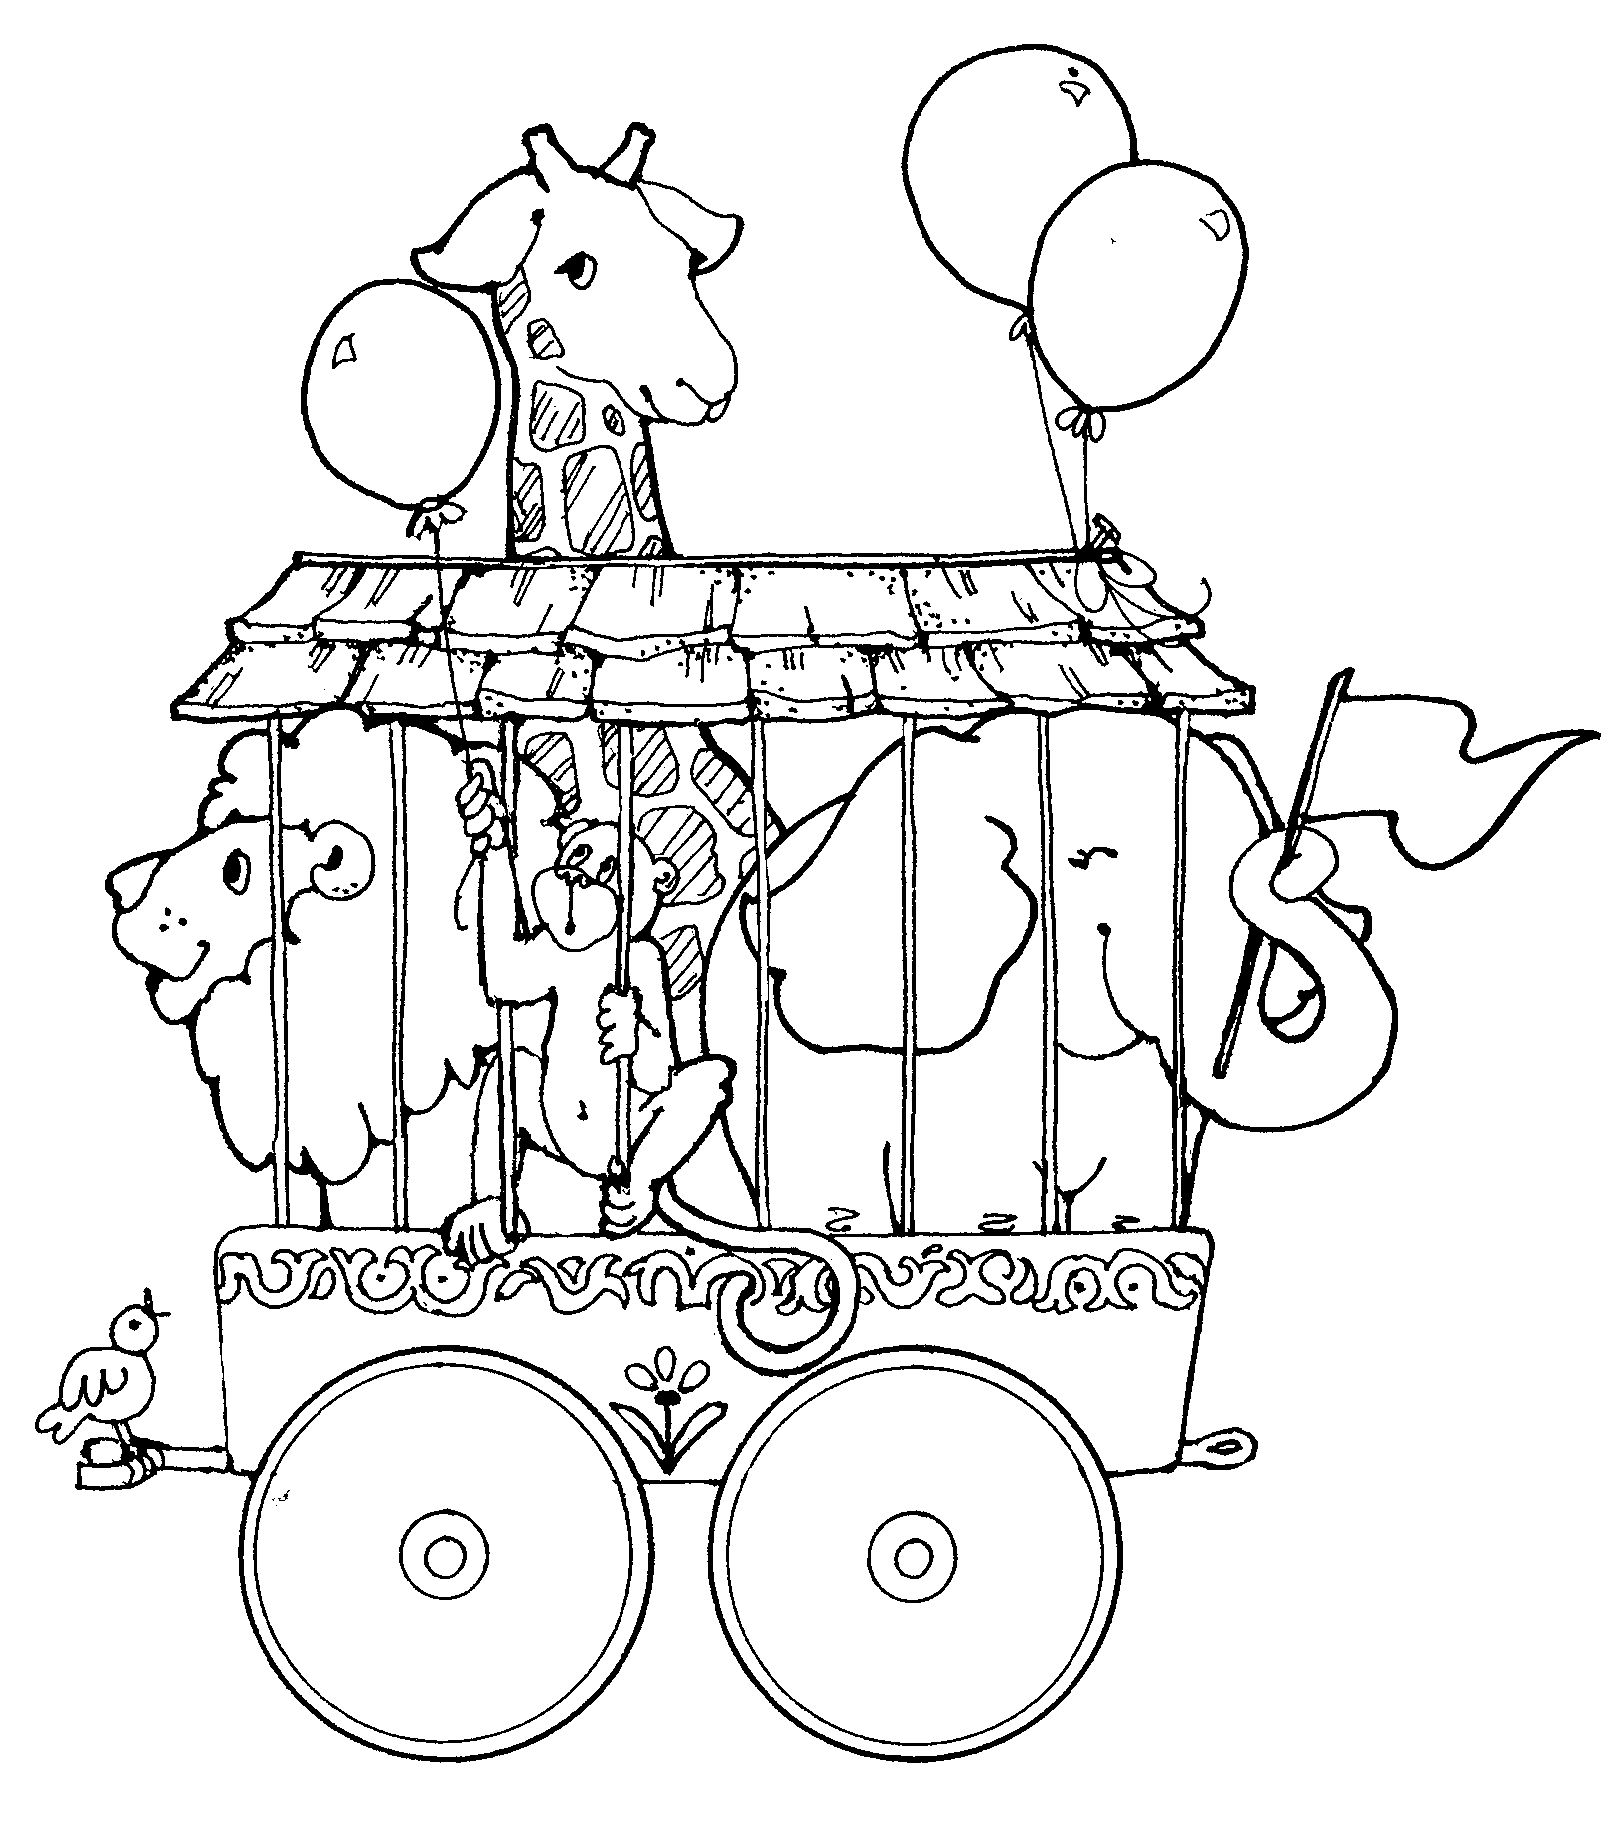 livro-colorir-circo